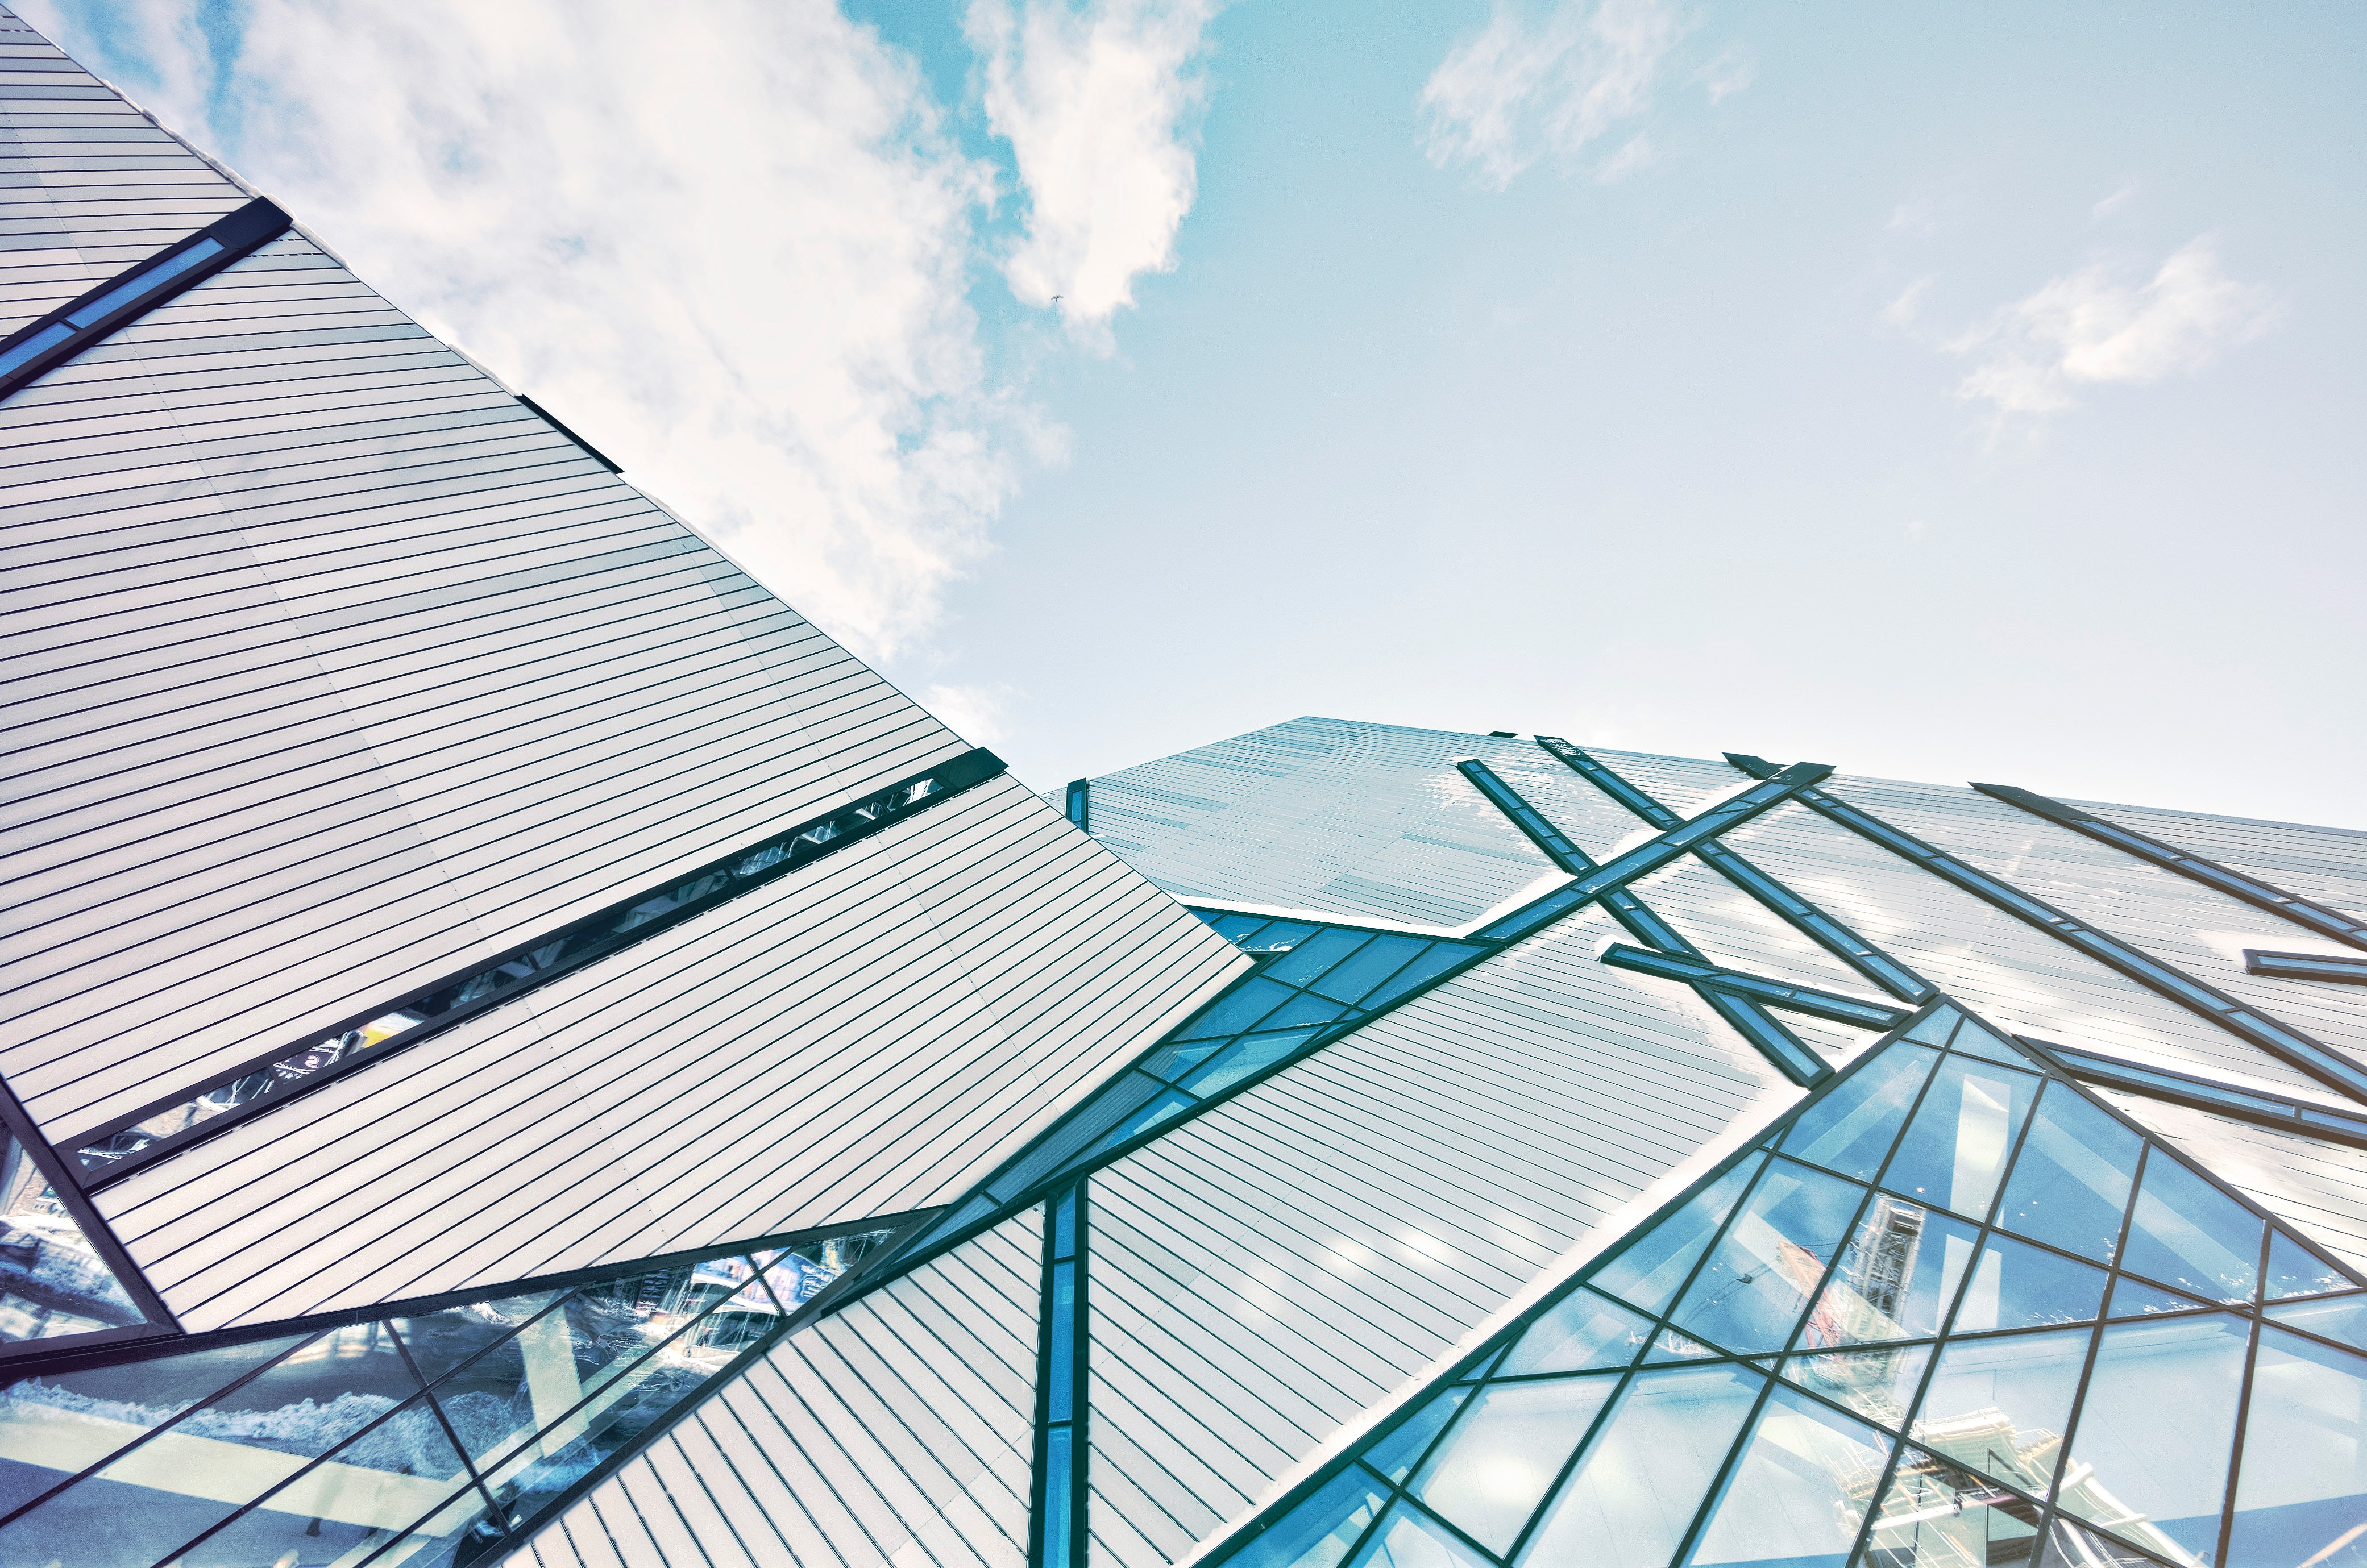 architectural-design-architecture-buildi